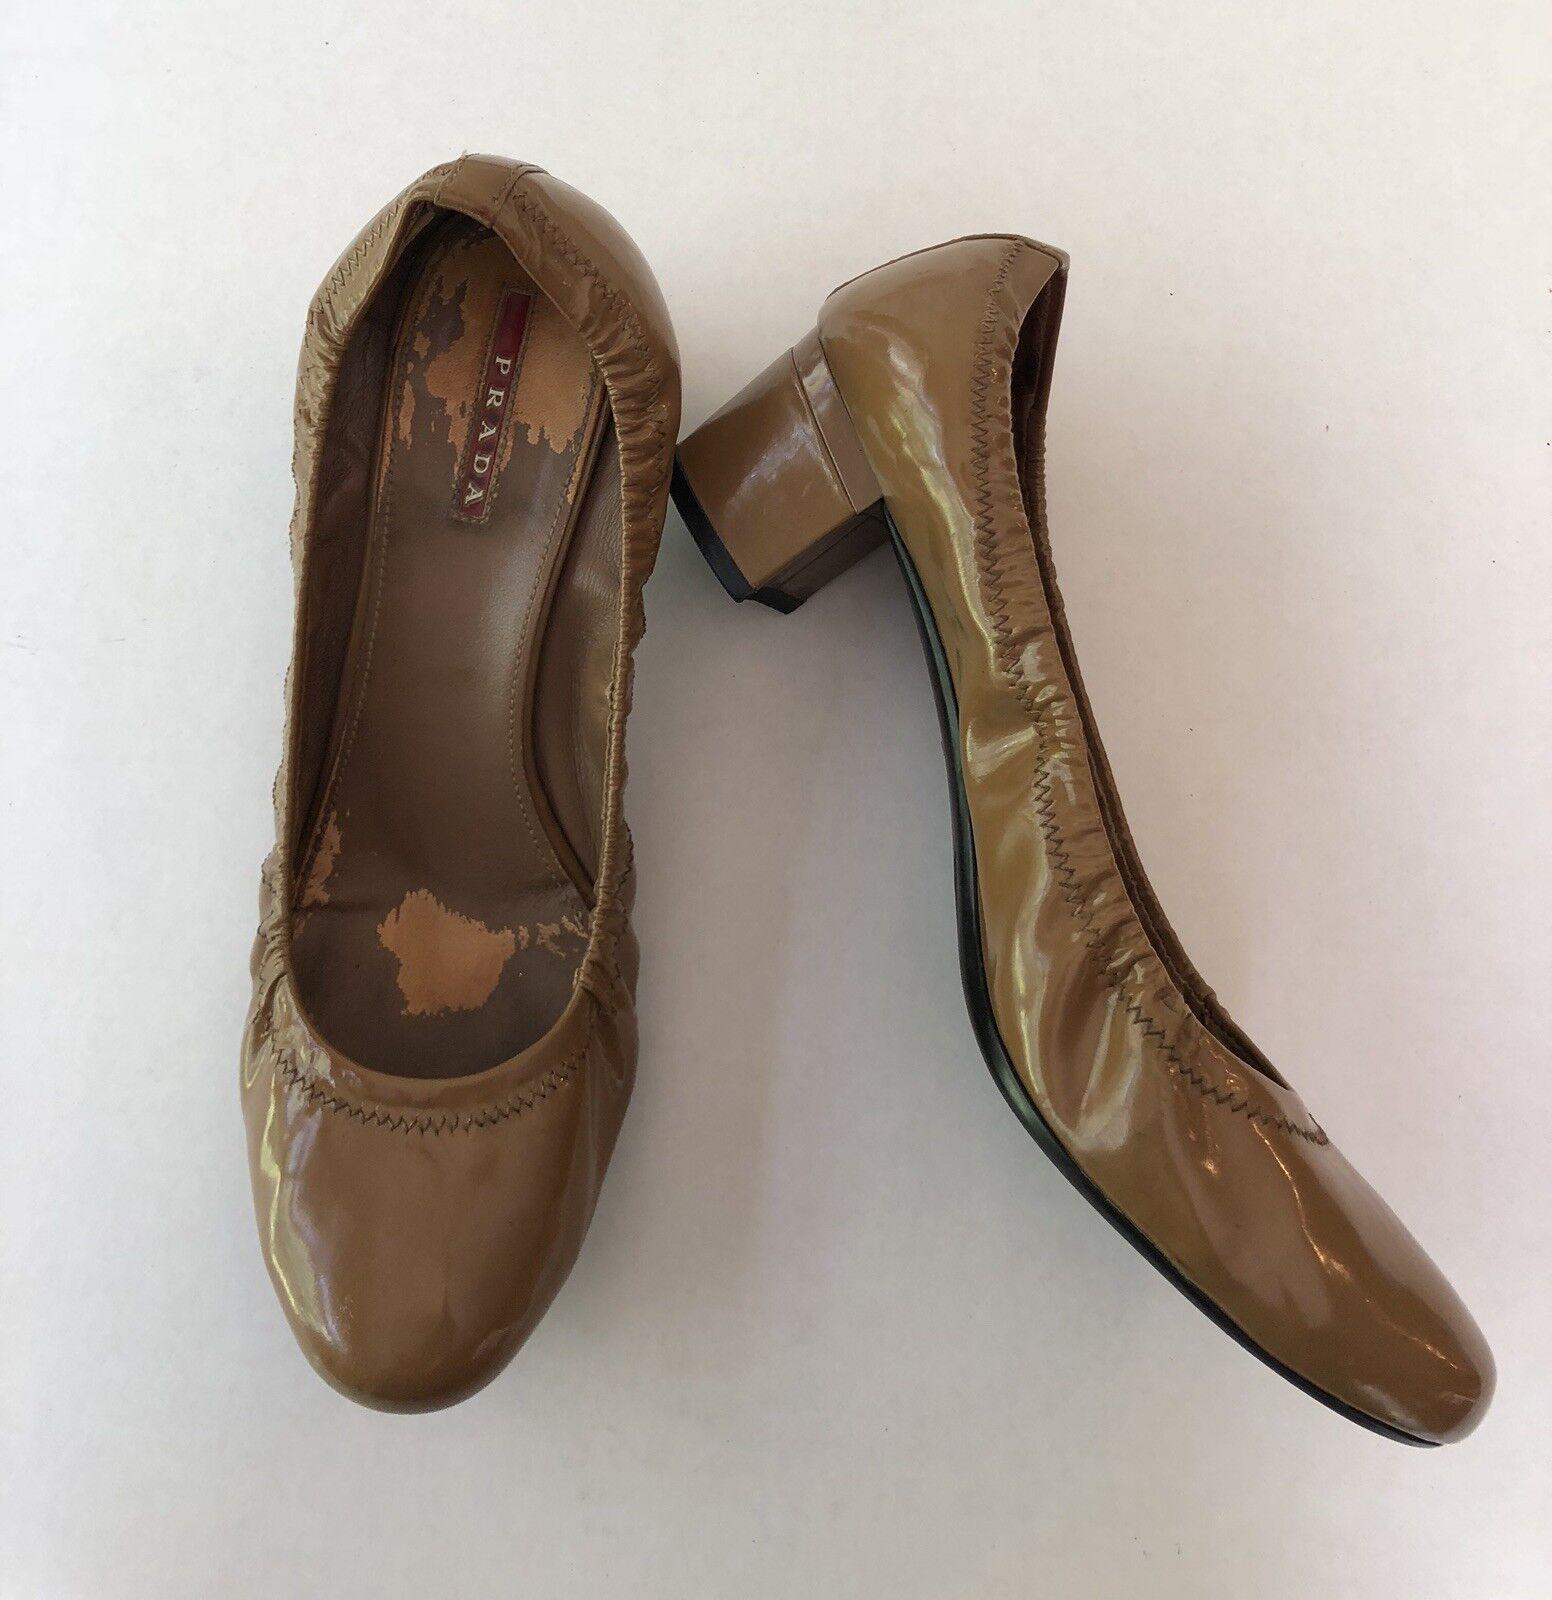 Prada Scrunch Ballet Pumps Caramel Heels Patent Leder Nude Caramel Pumps Größe 40.5 US 10 af26d2